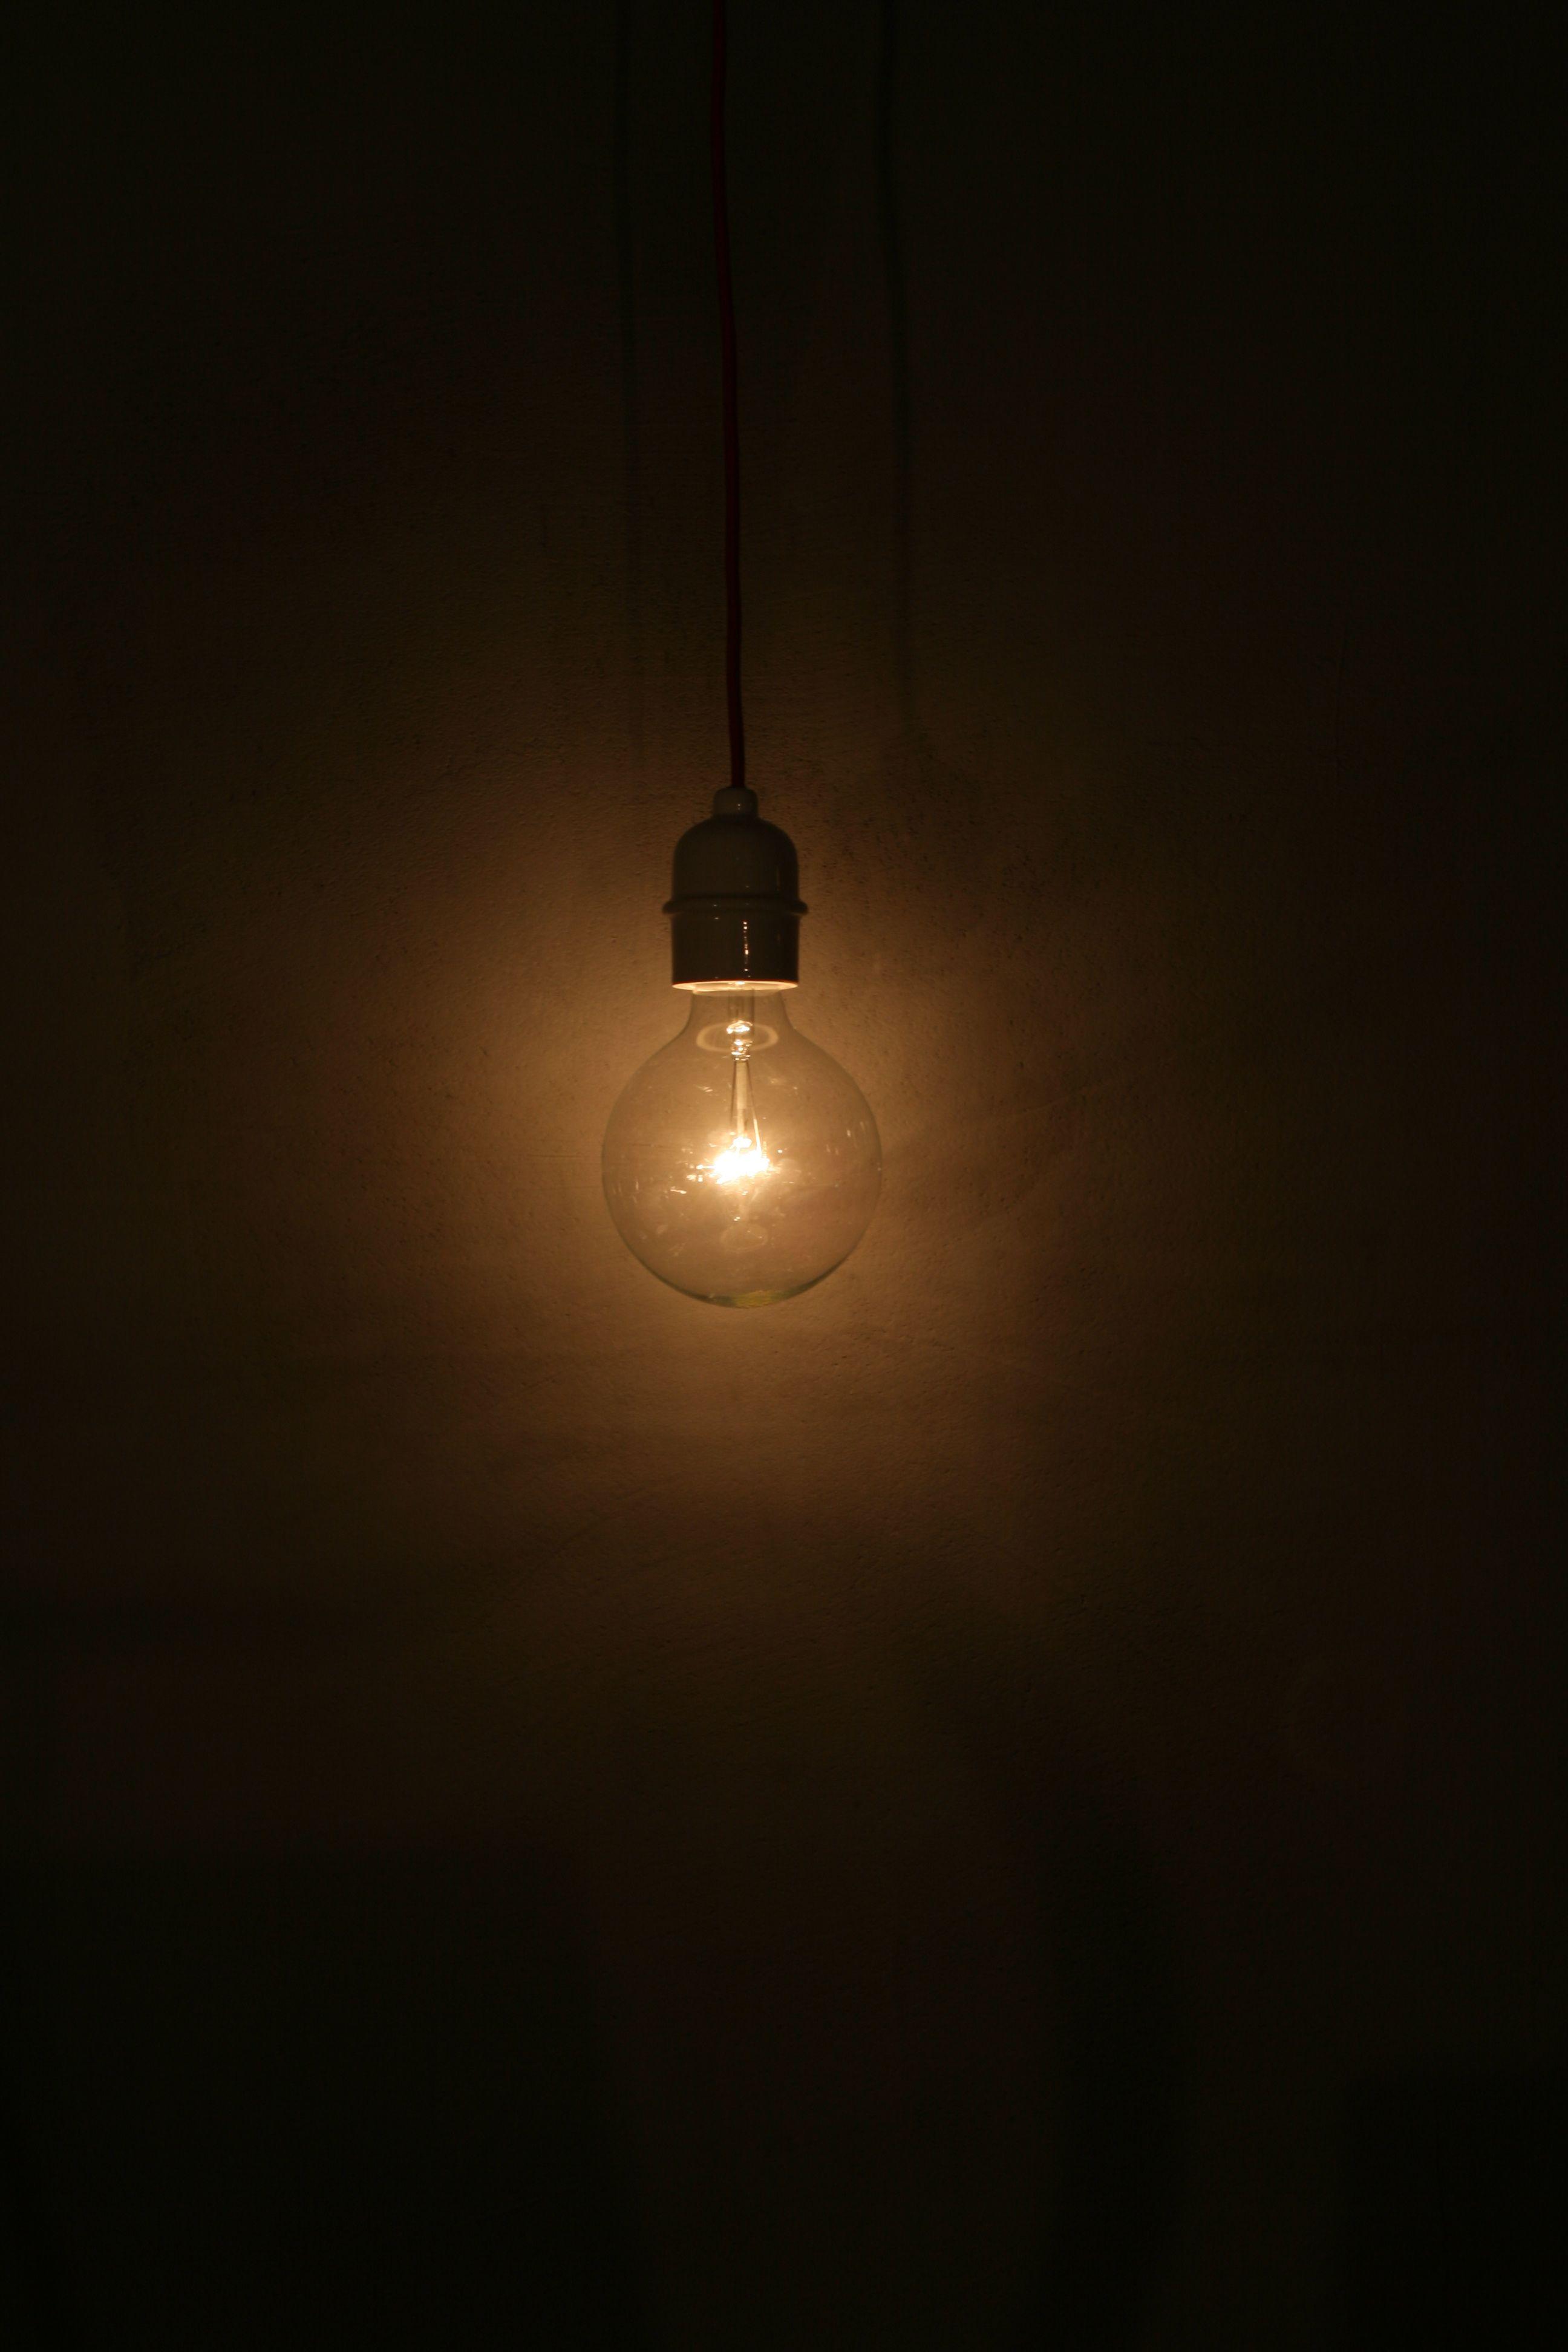 Simple Cheramic Black Lamp Dark Background Wallpaper Dark Wallpaper Black Lamps